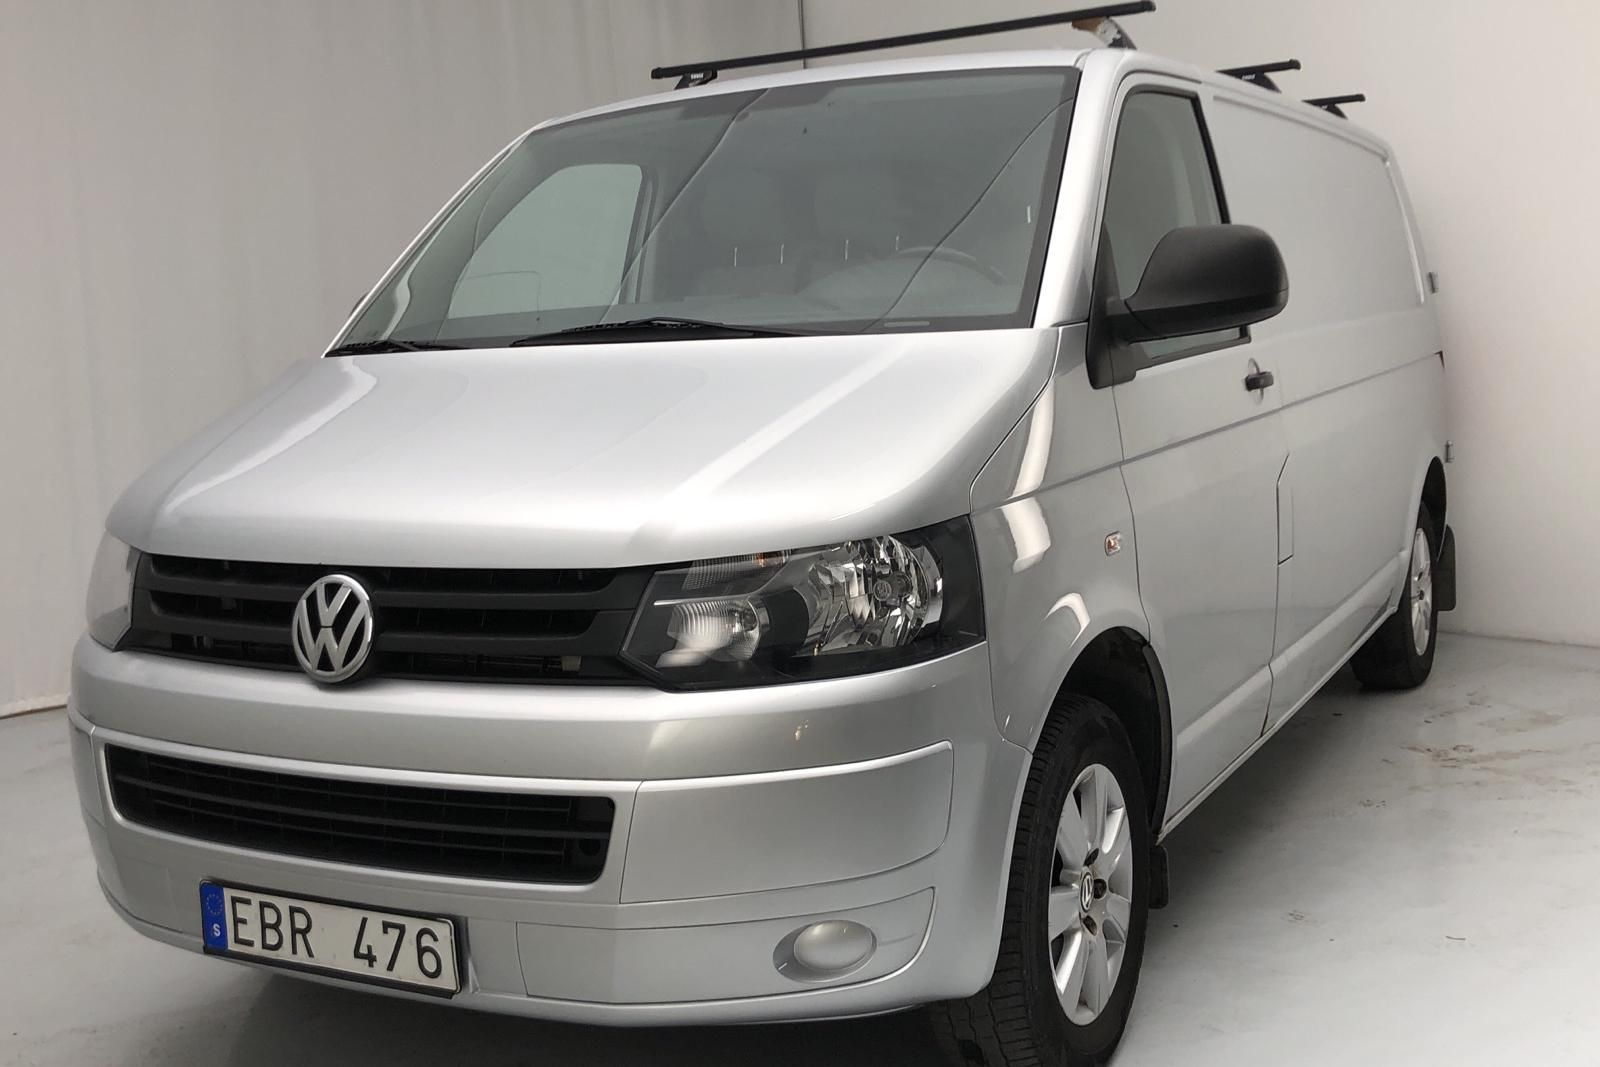 VW Transporter T5 2.0 TDI (140hk)